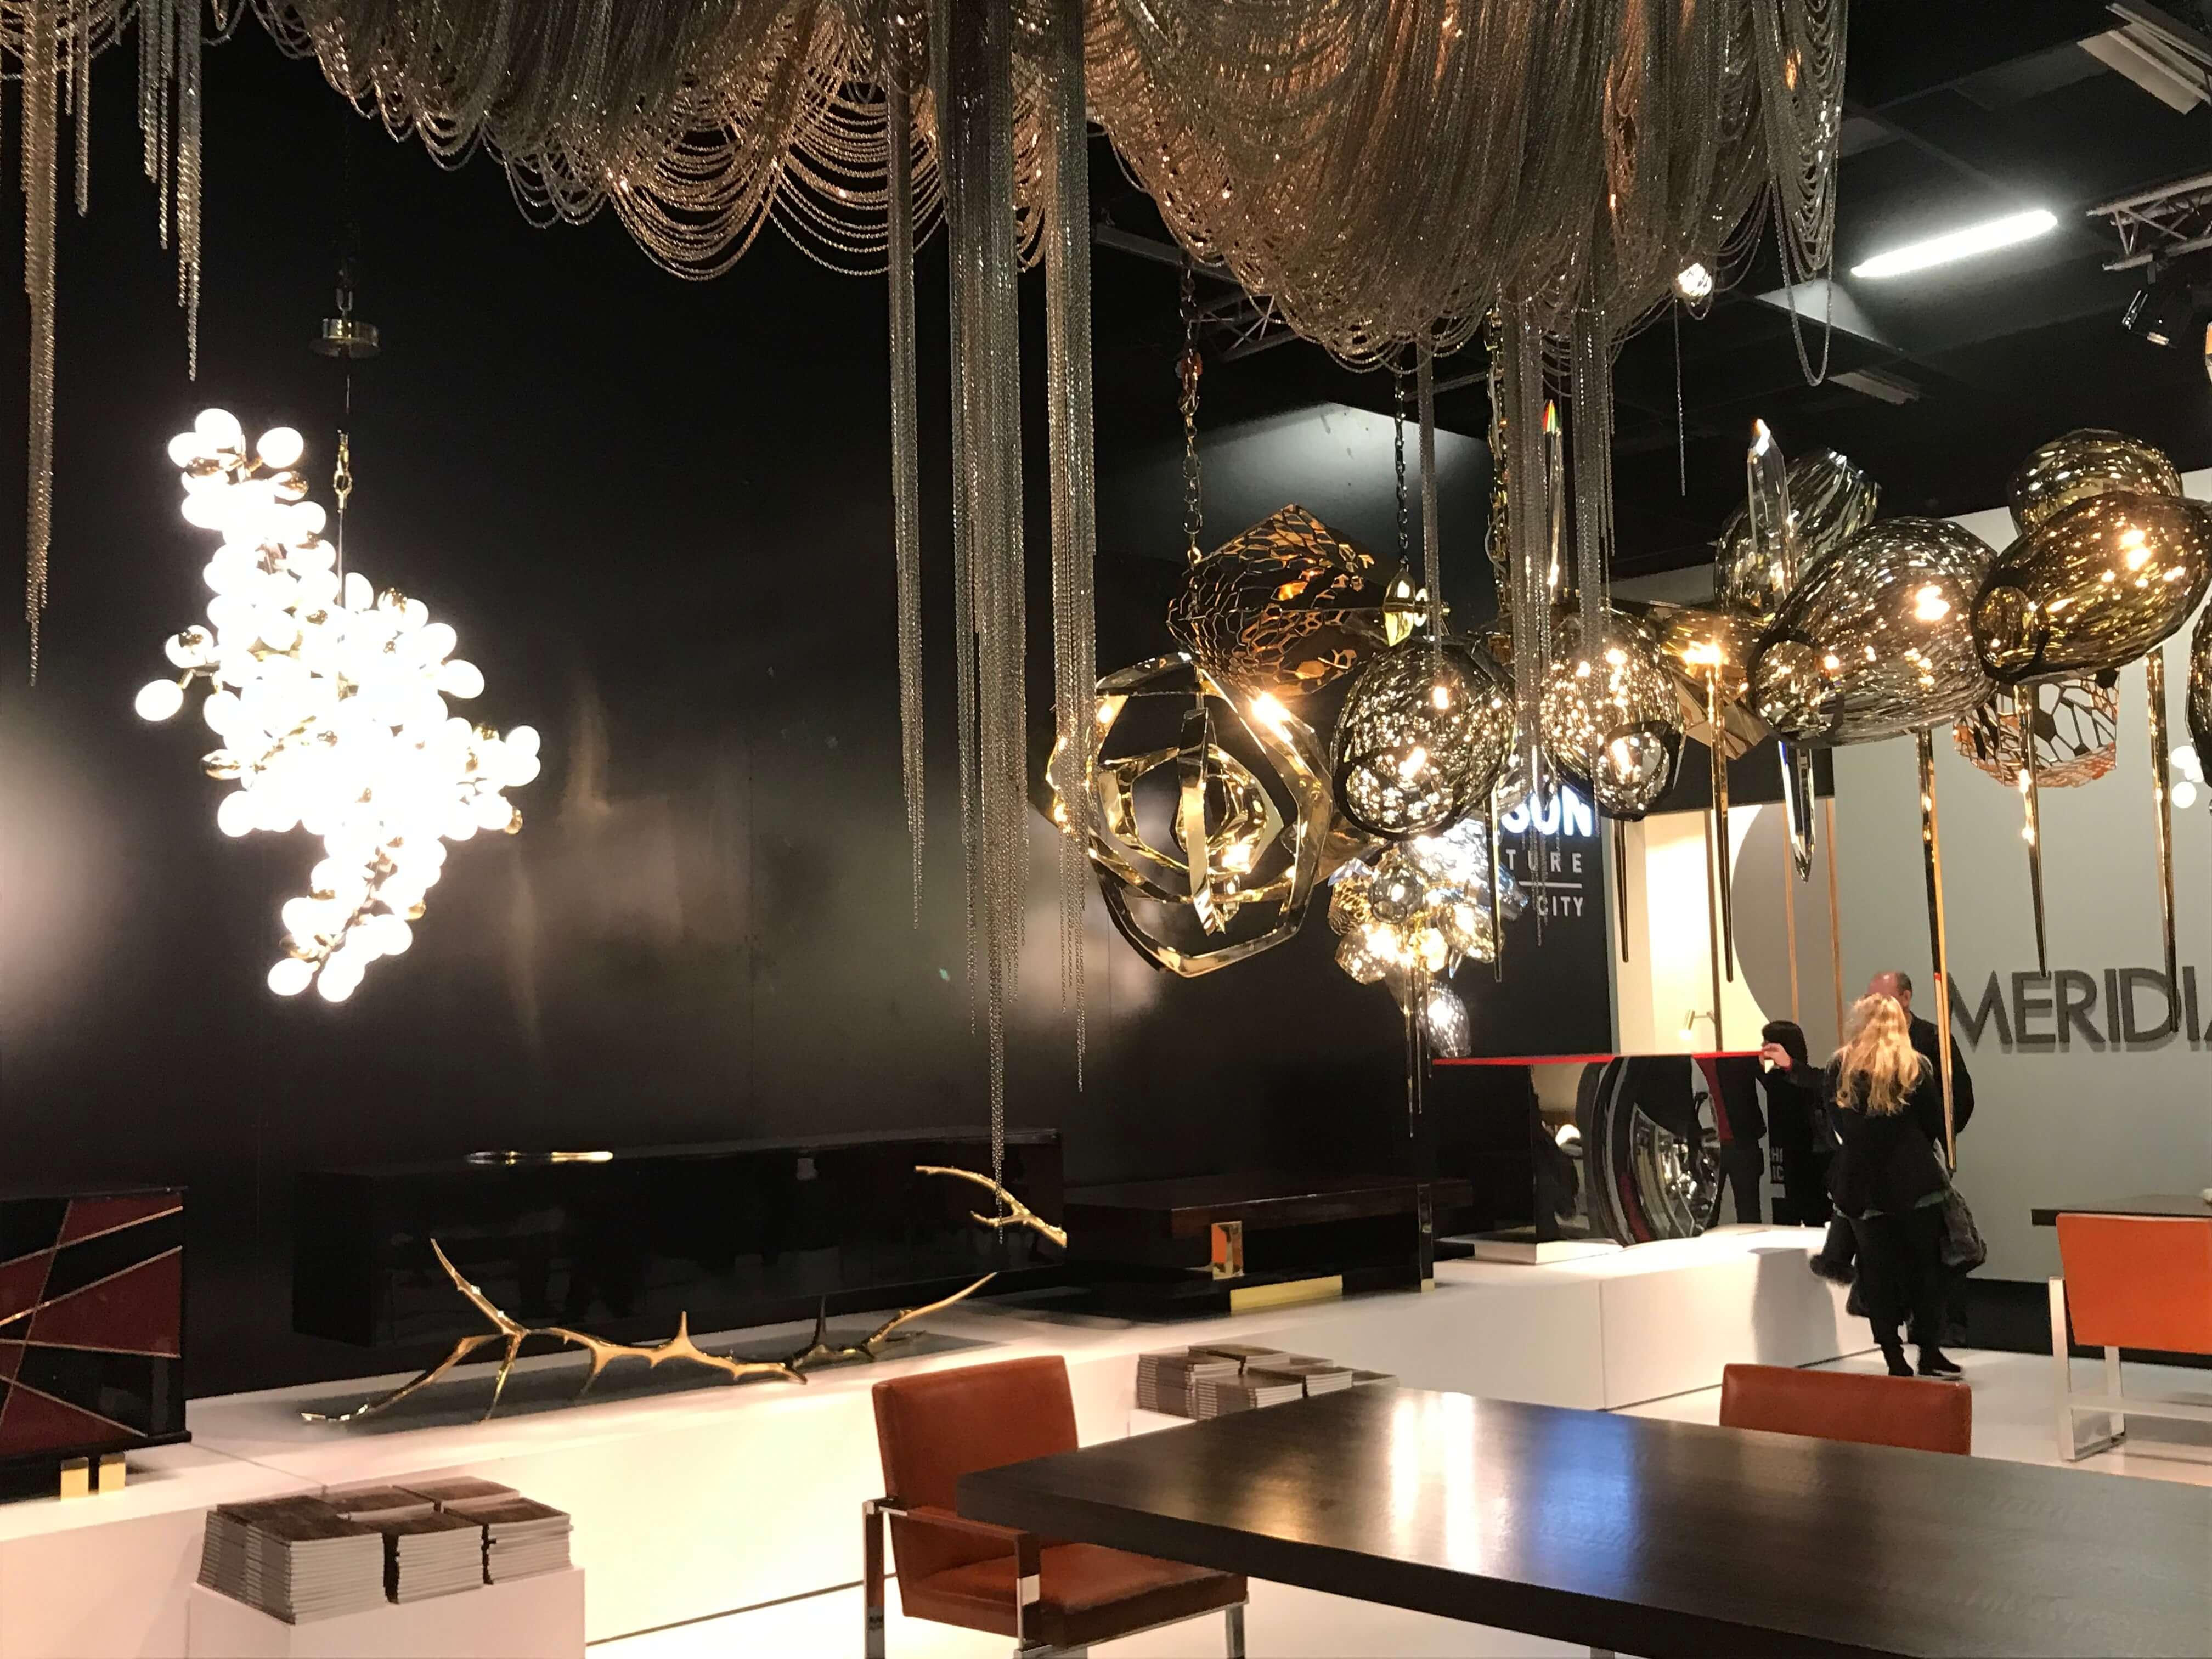 Es werde Licht: Eindrucksvolle Lichtblicke bilden das Herzstück von minimalistisch eingerichteten Räumen